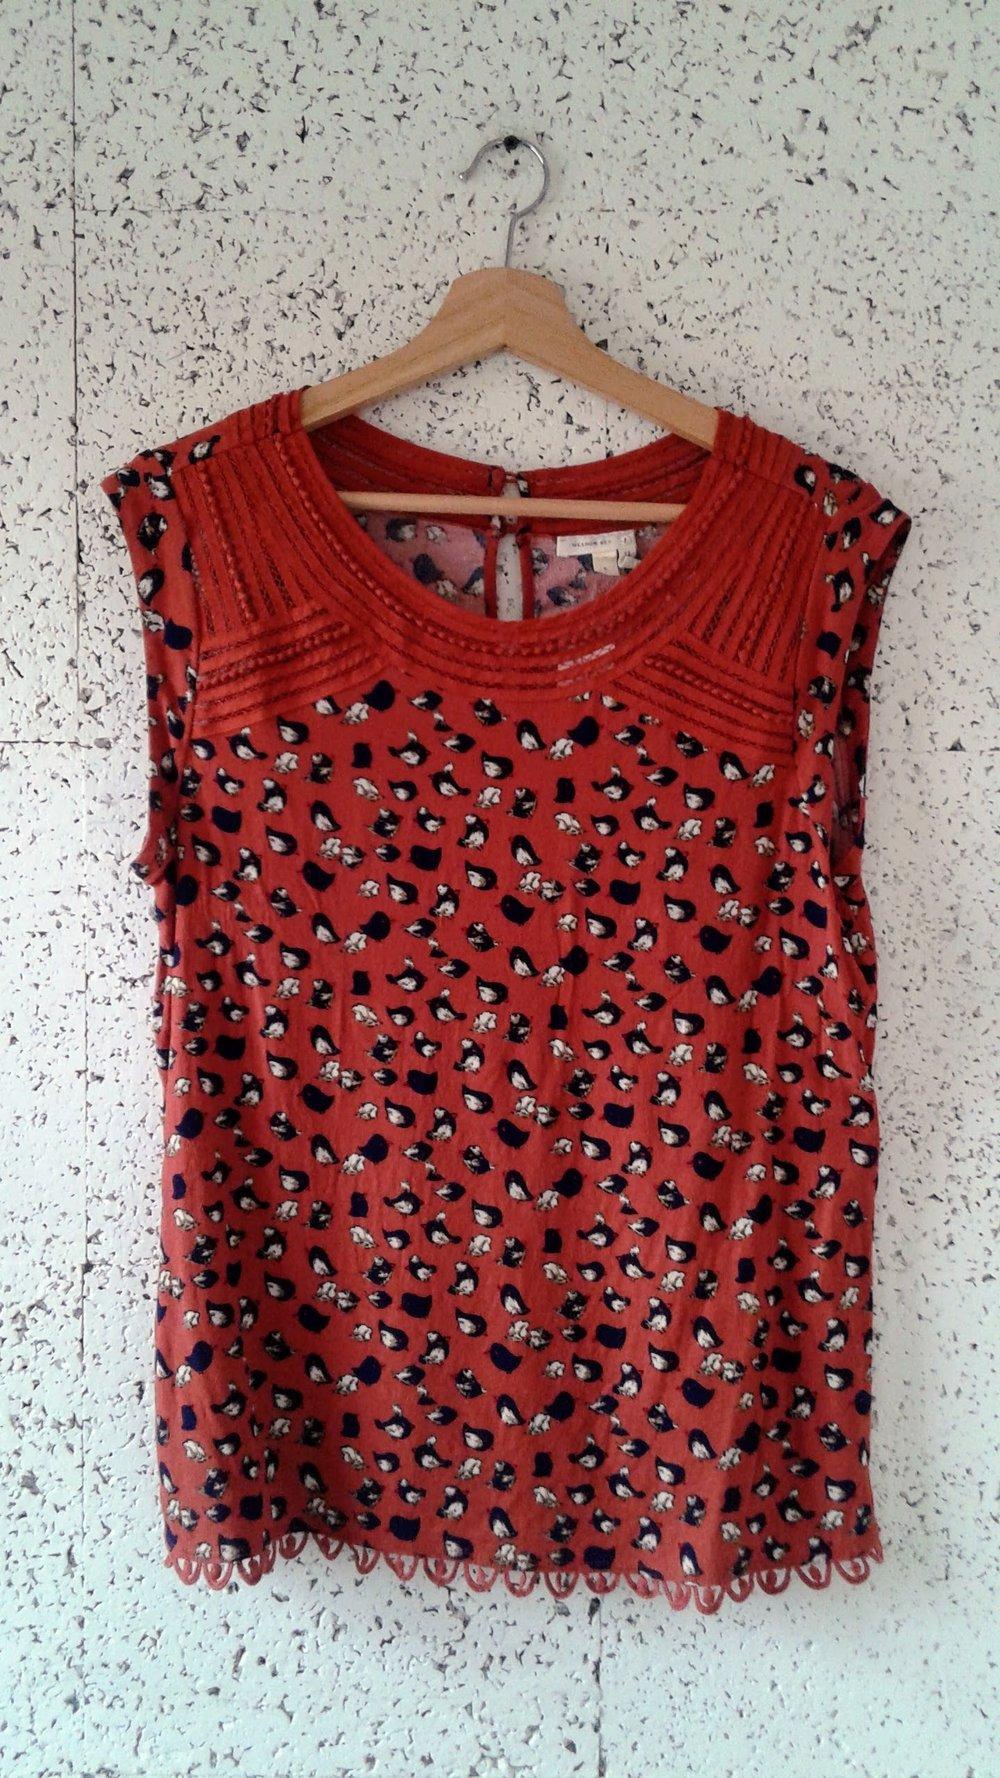 Meadow Rue  top; Size M, $26